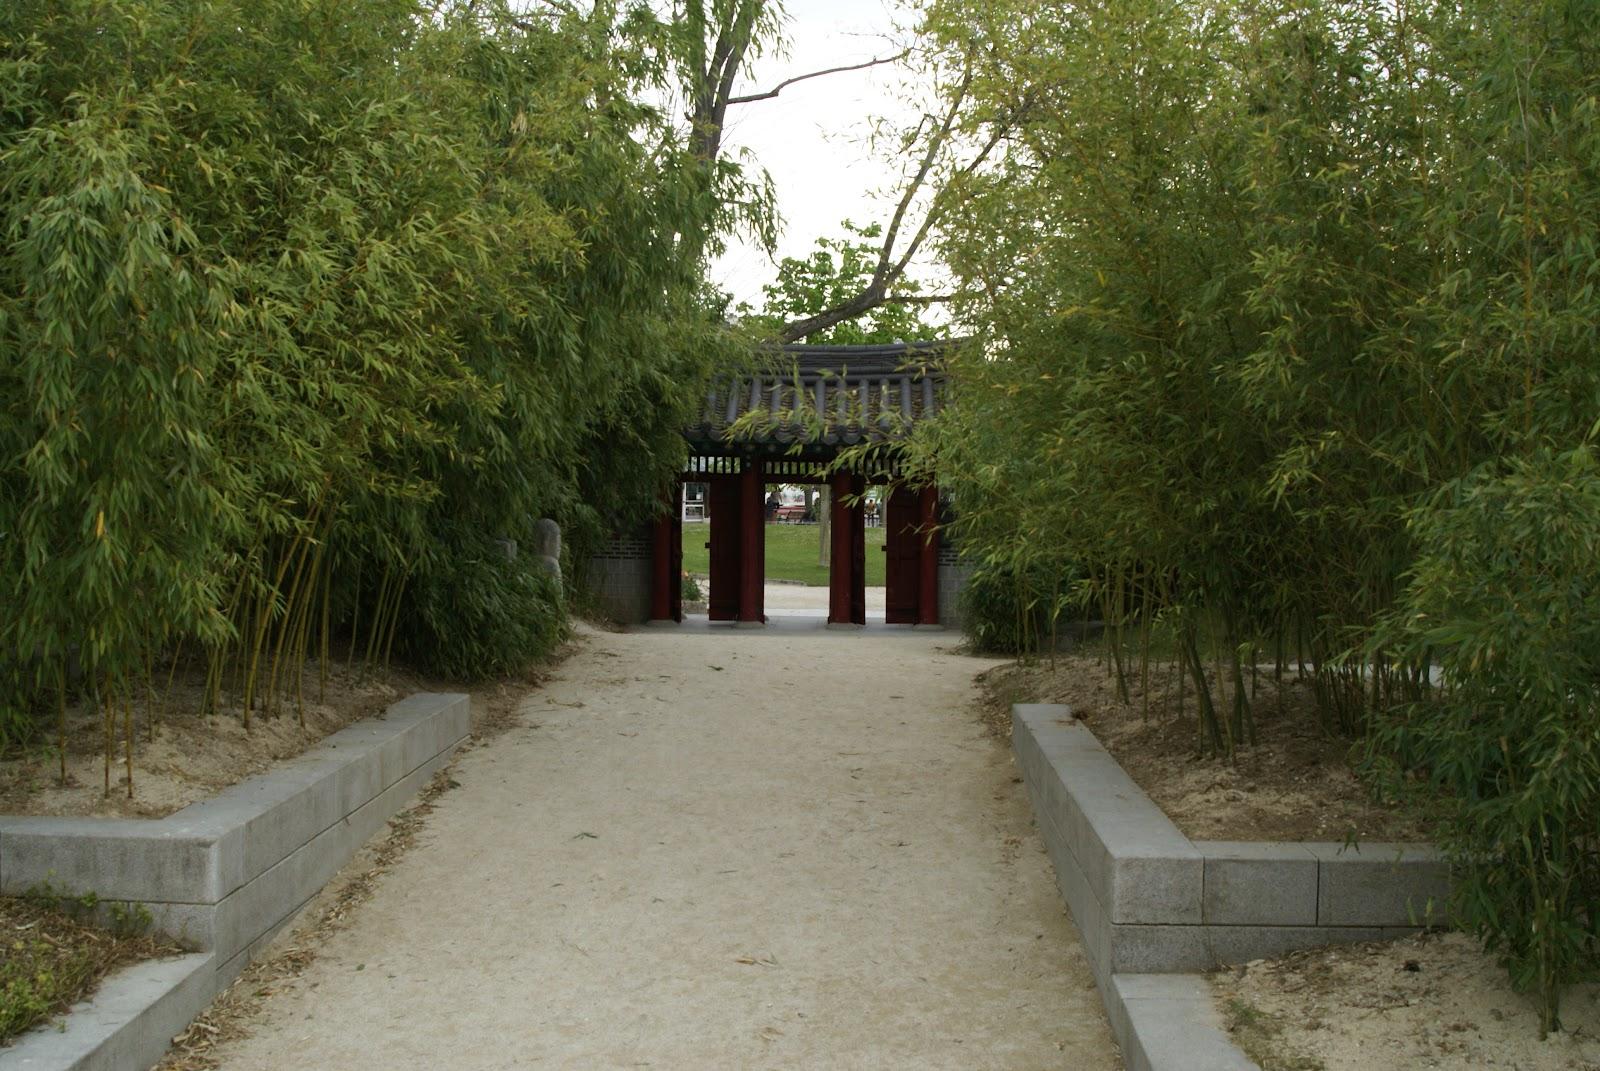 Un petit tour en cor e au jardin d 39 acclimatation demysteafication - Prix entree jardin d acclimatation ...